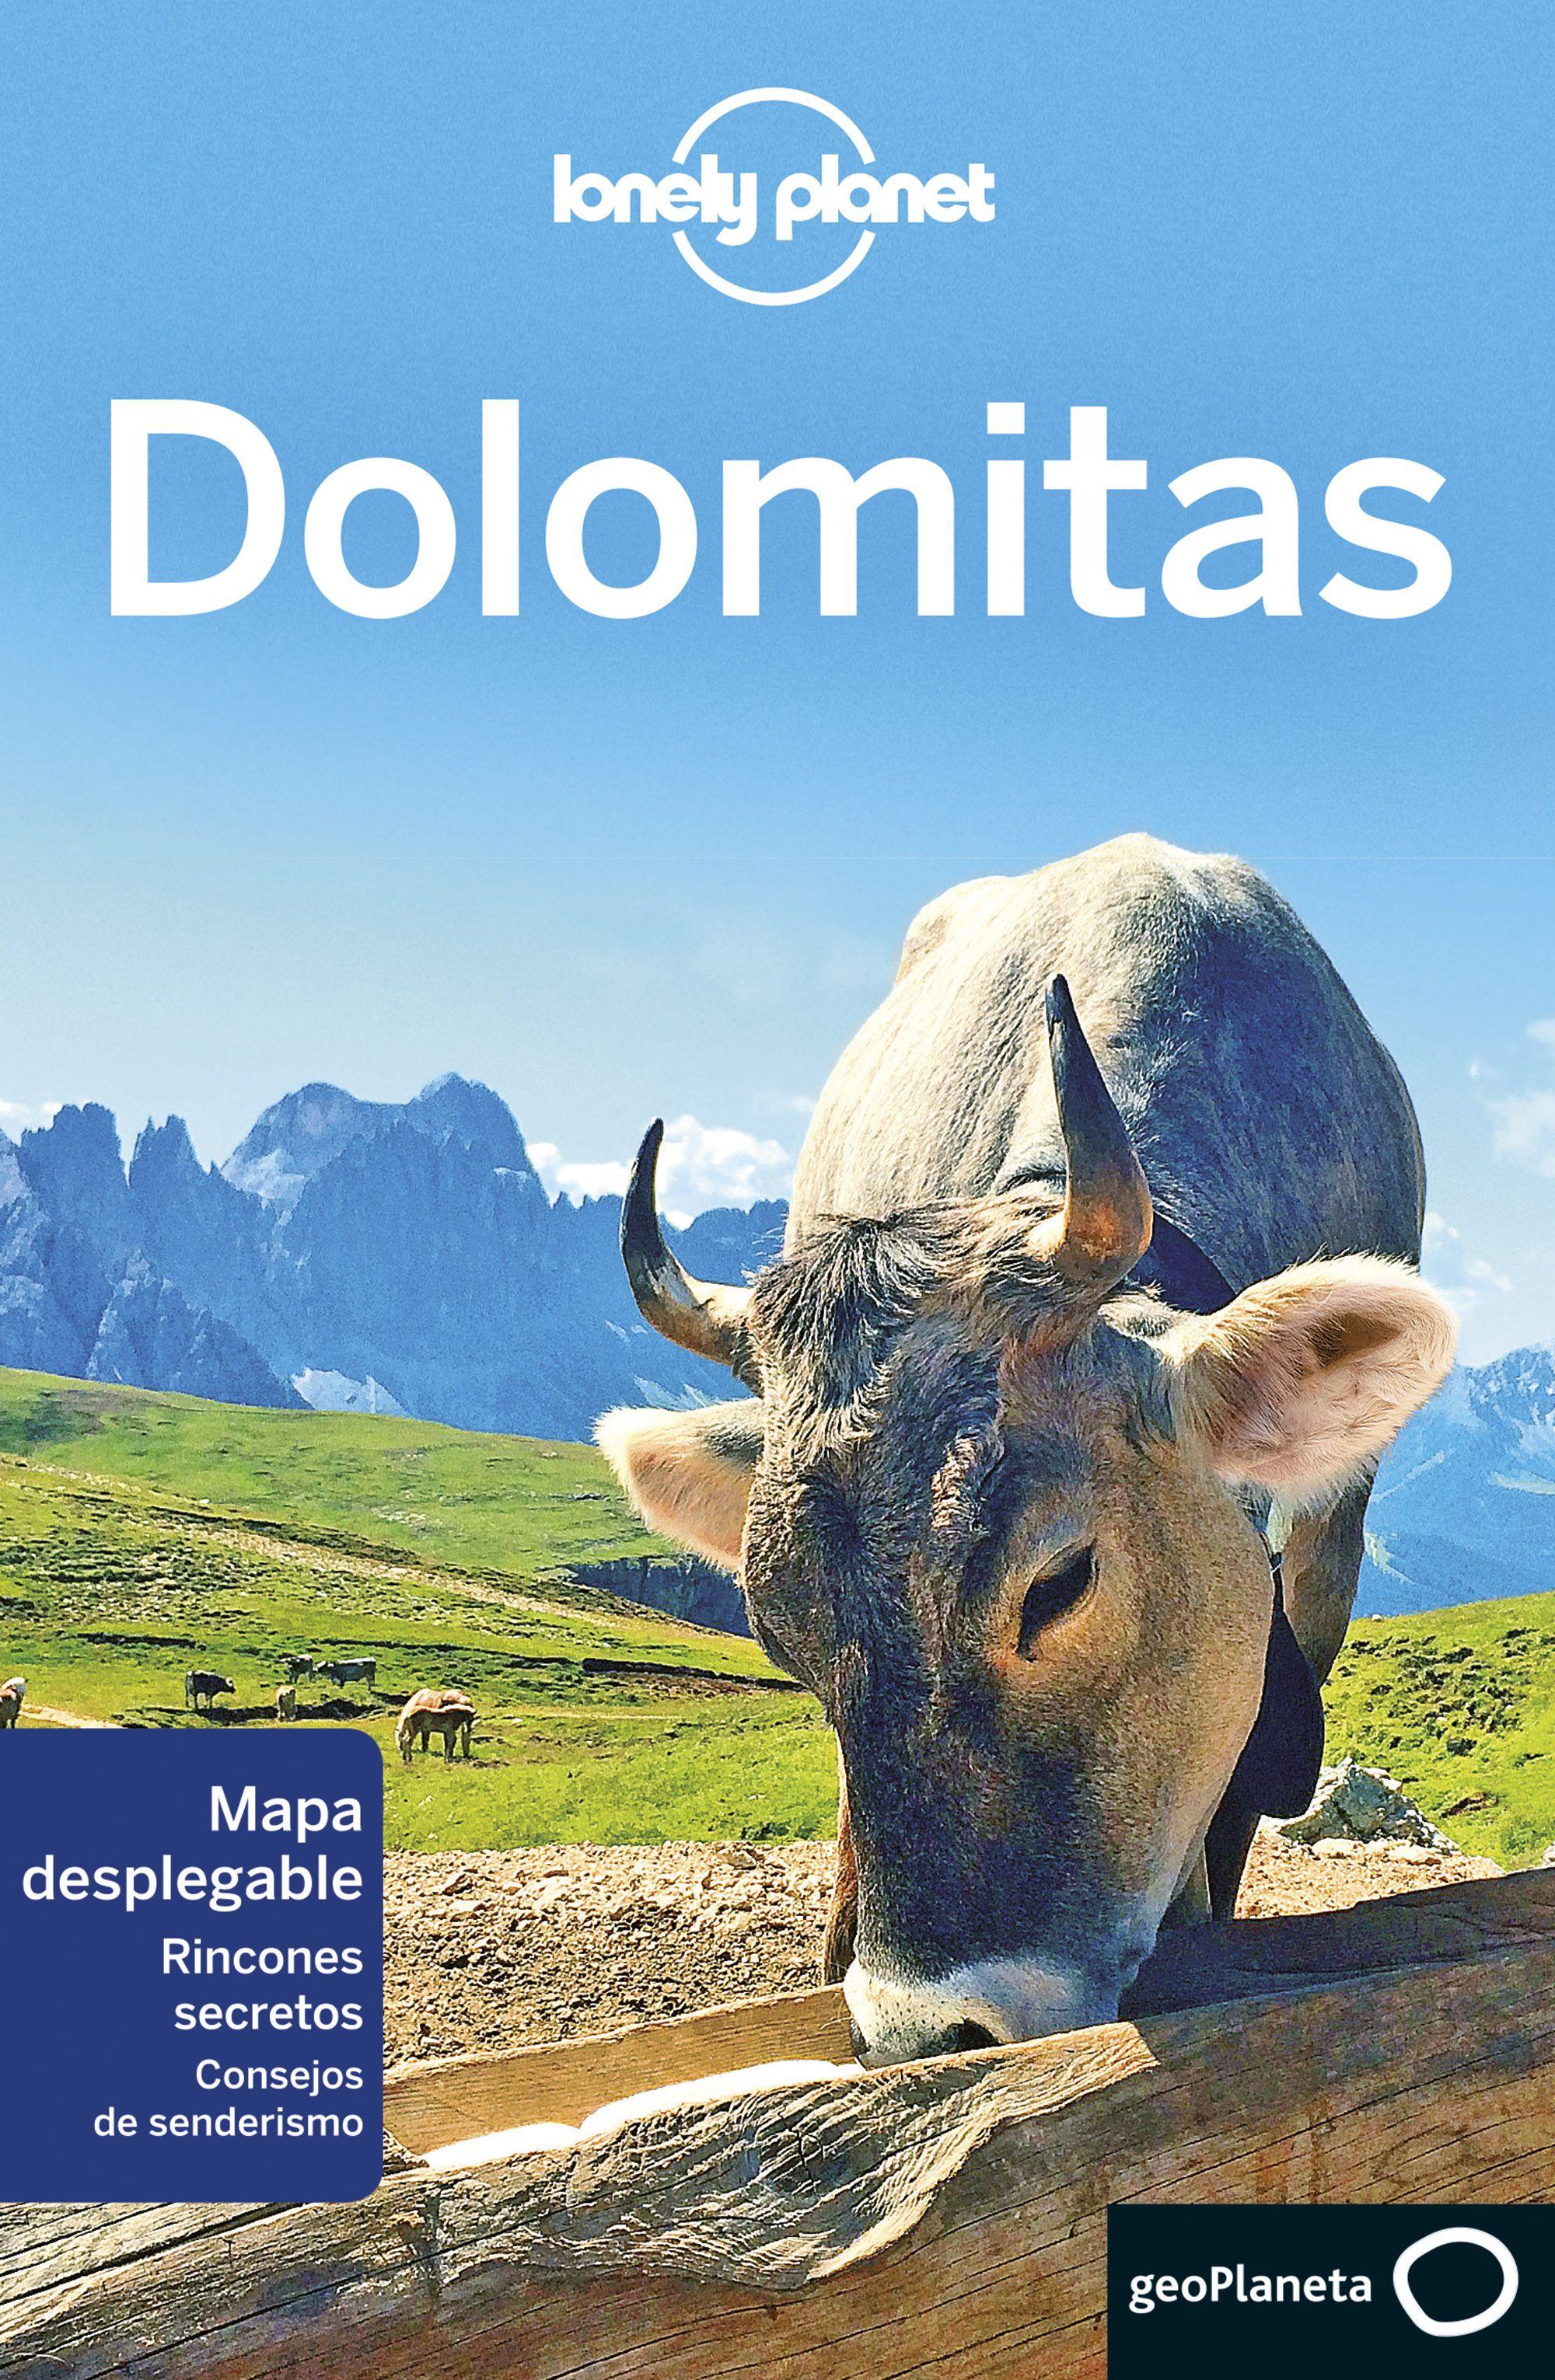 portada_dolomitas-1_giacomo-bassi_201902061117